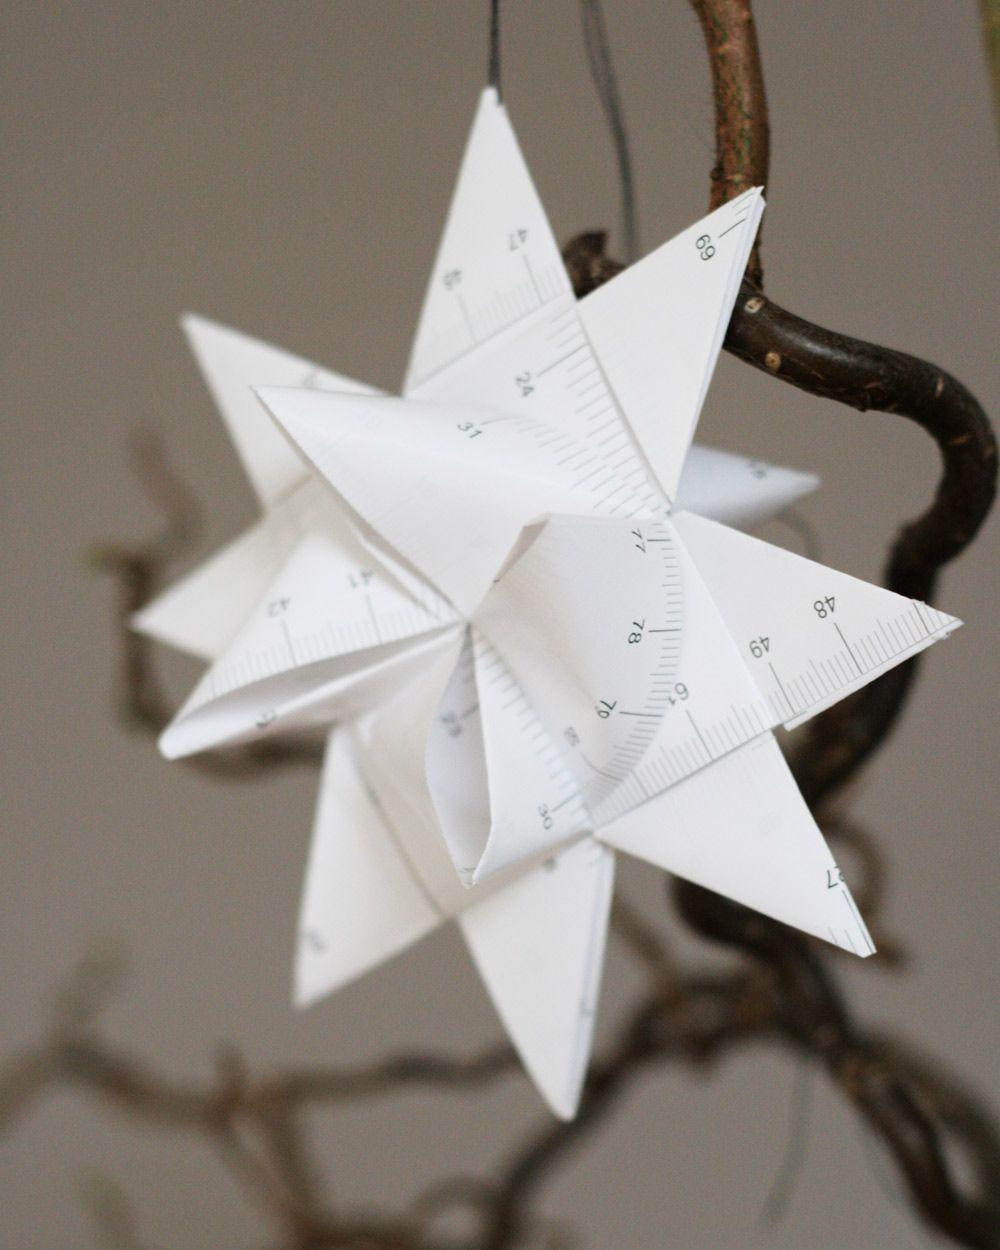 Ikea Weihnachtsdeko ikea maßband hack upcycling in der weihnachtszeit ikea hack